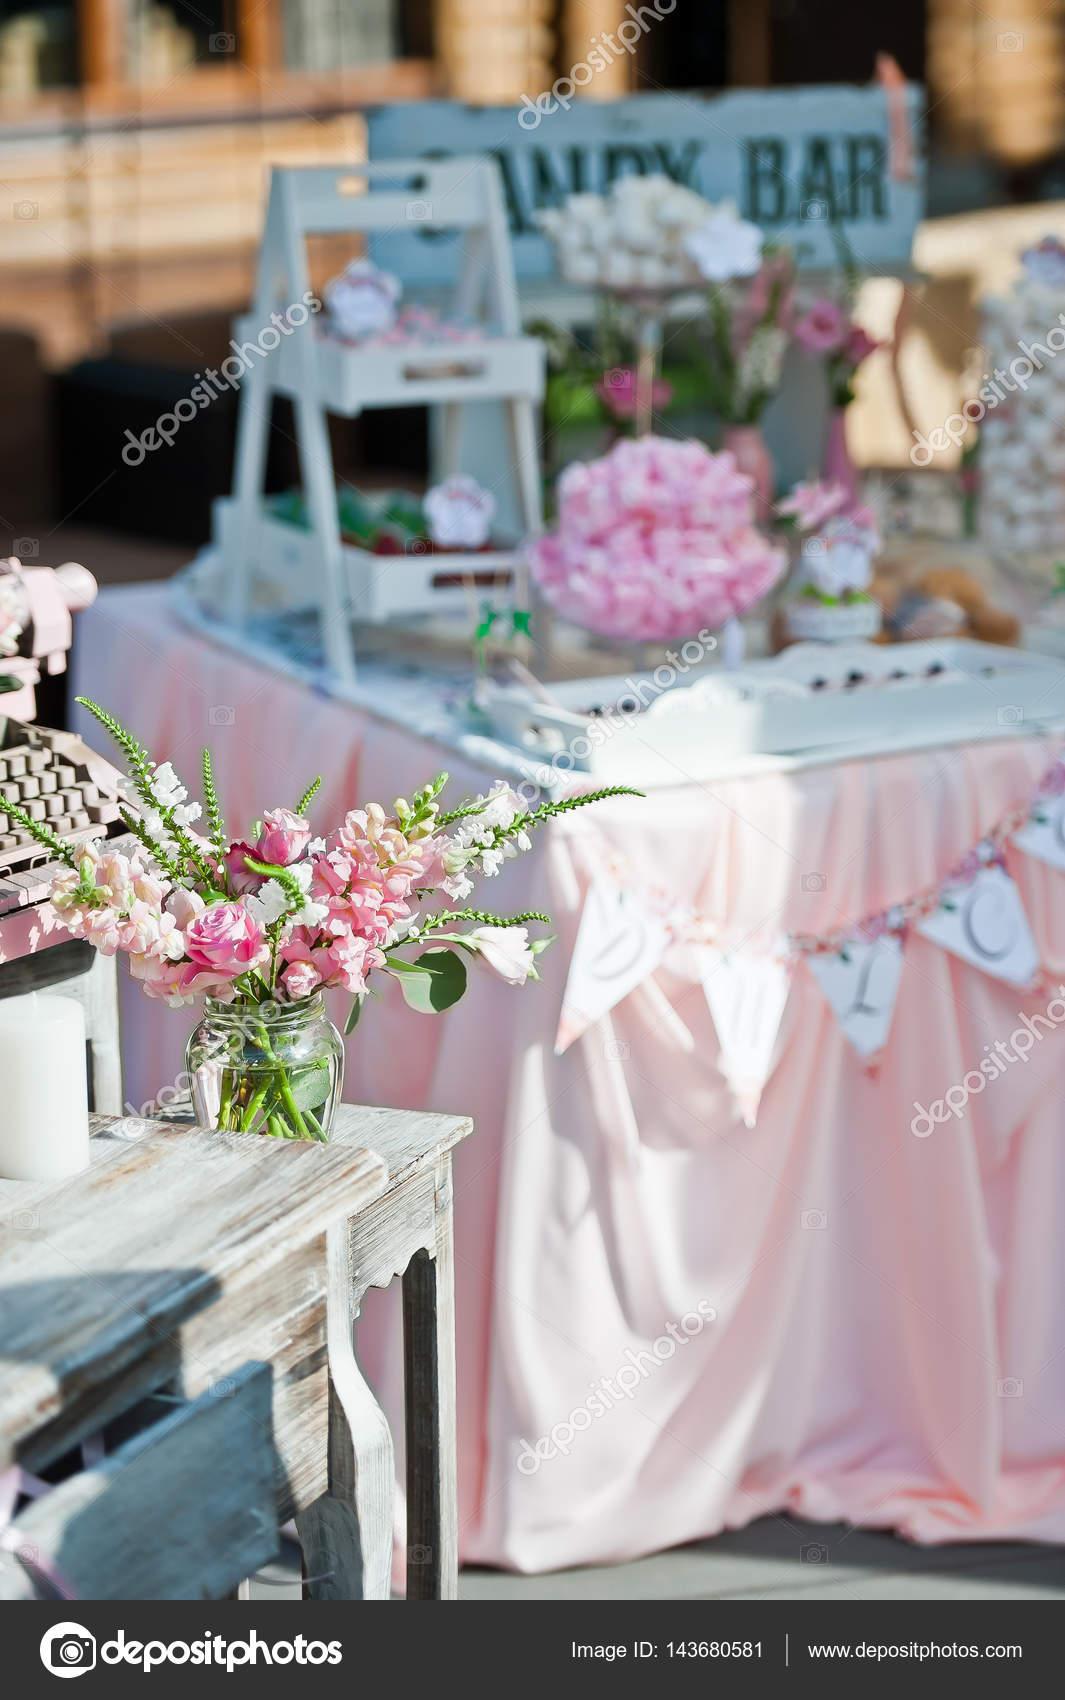 Schone Hochzeitsdekorationen Im Innern Und Auf Dem Tisch Stockfoto